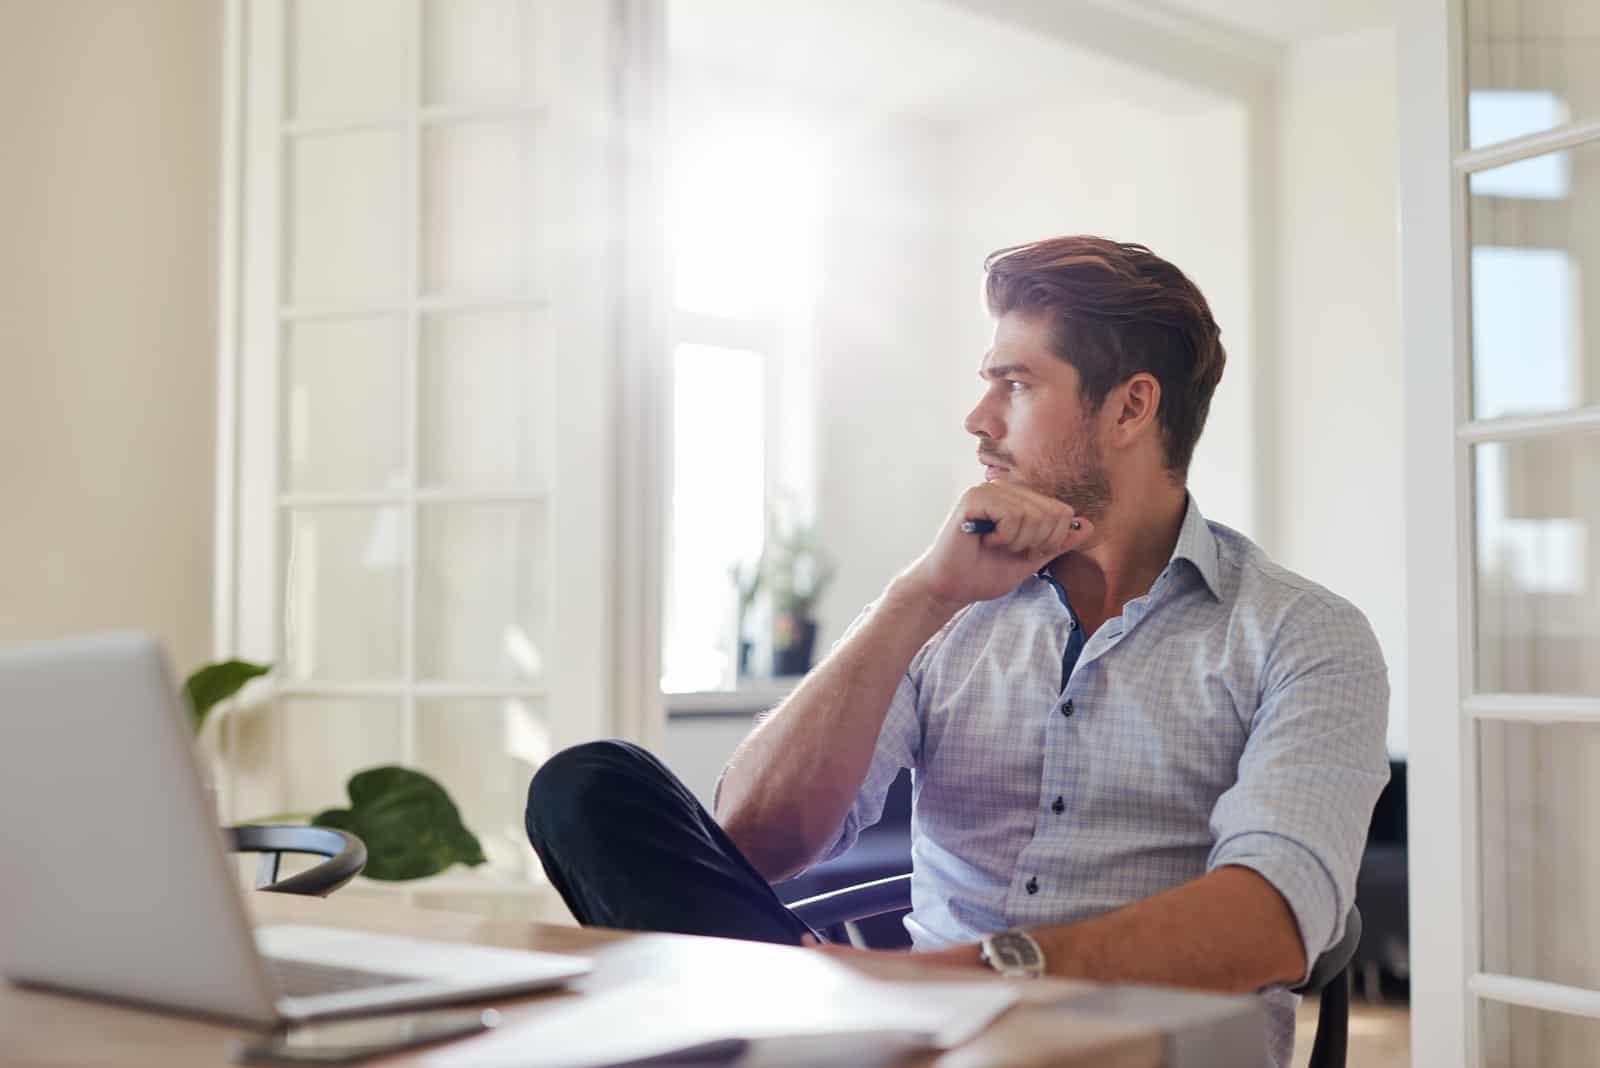 un homme est assis pensivement au bureau